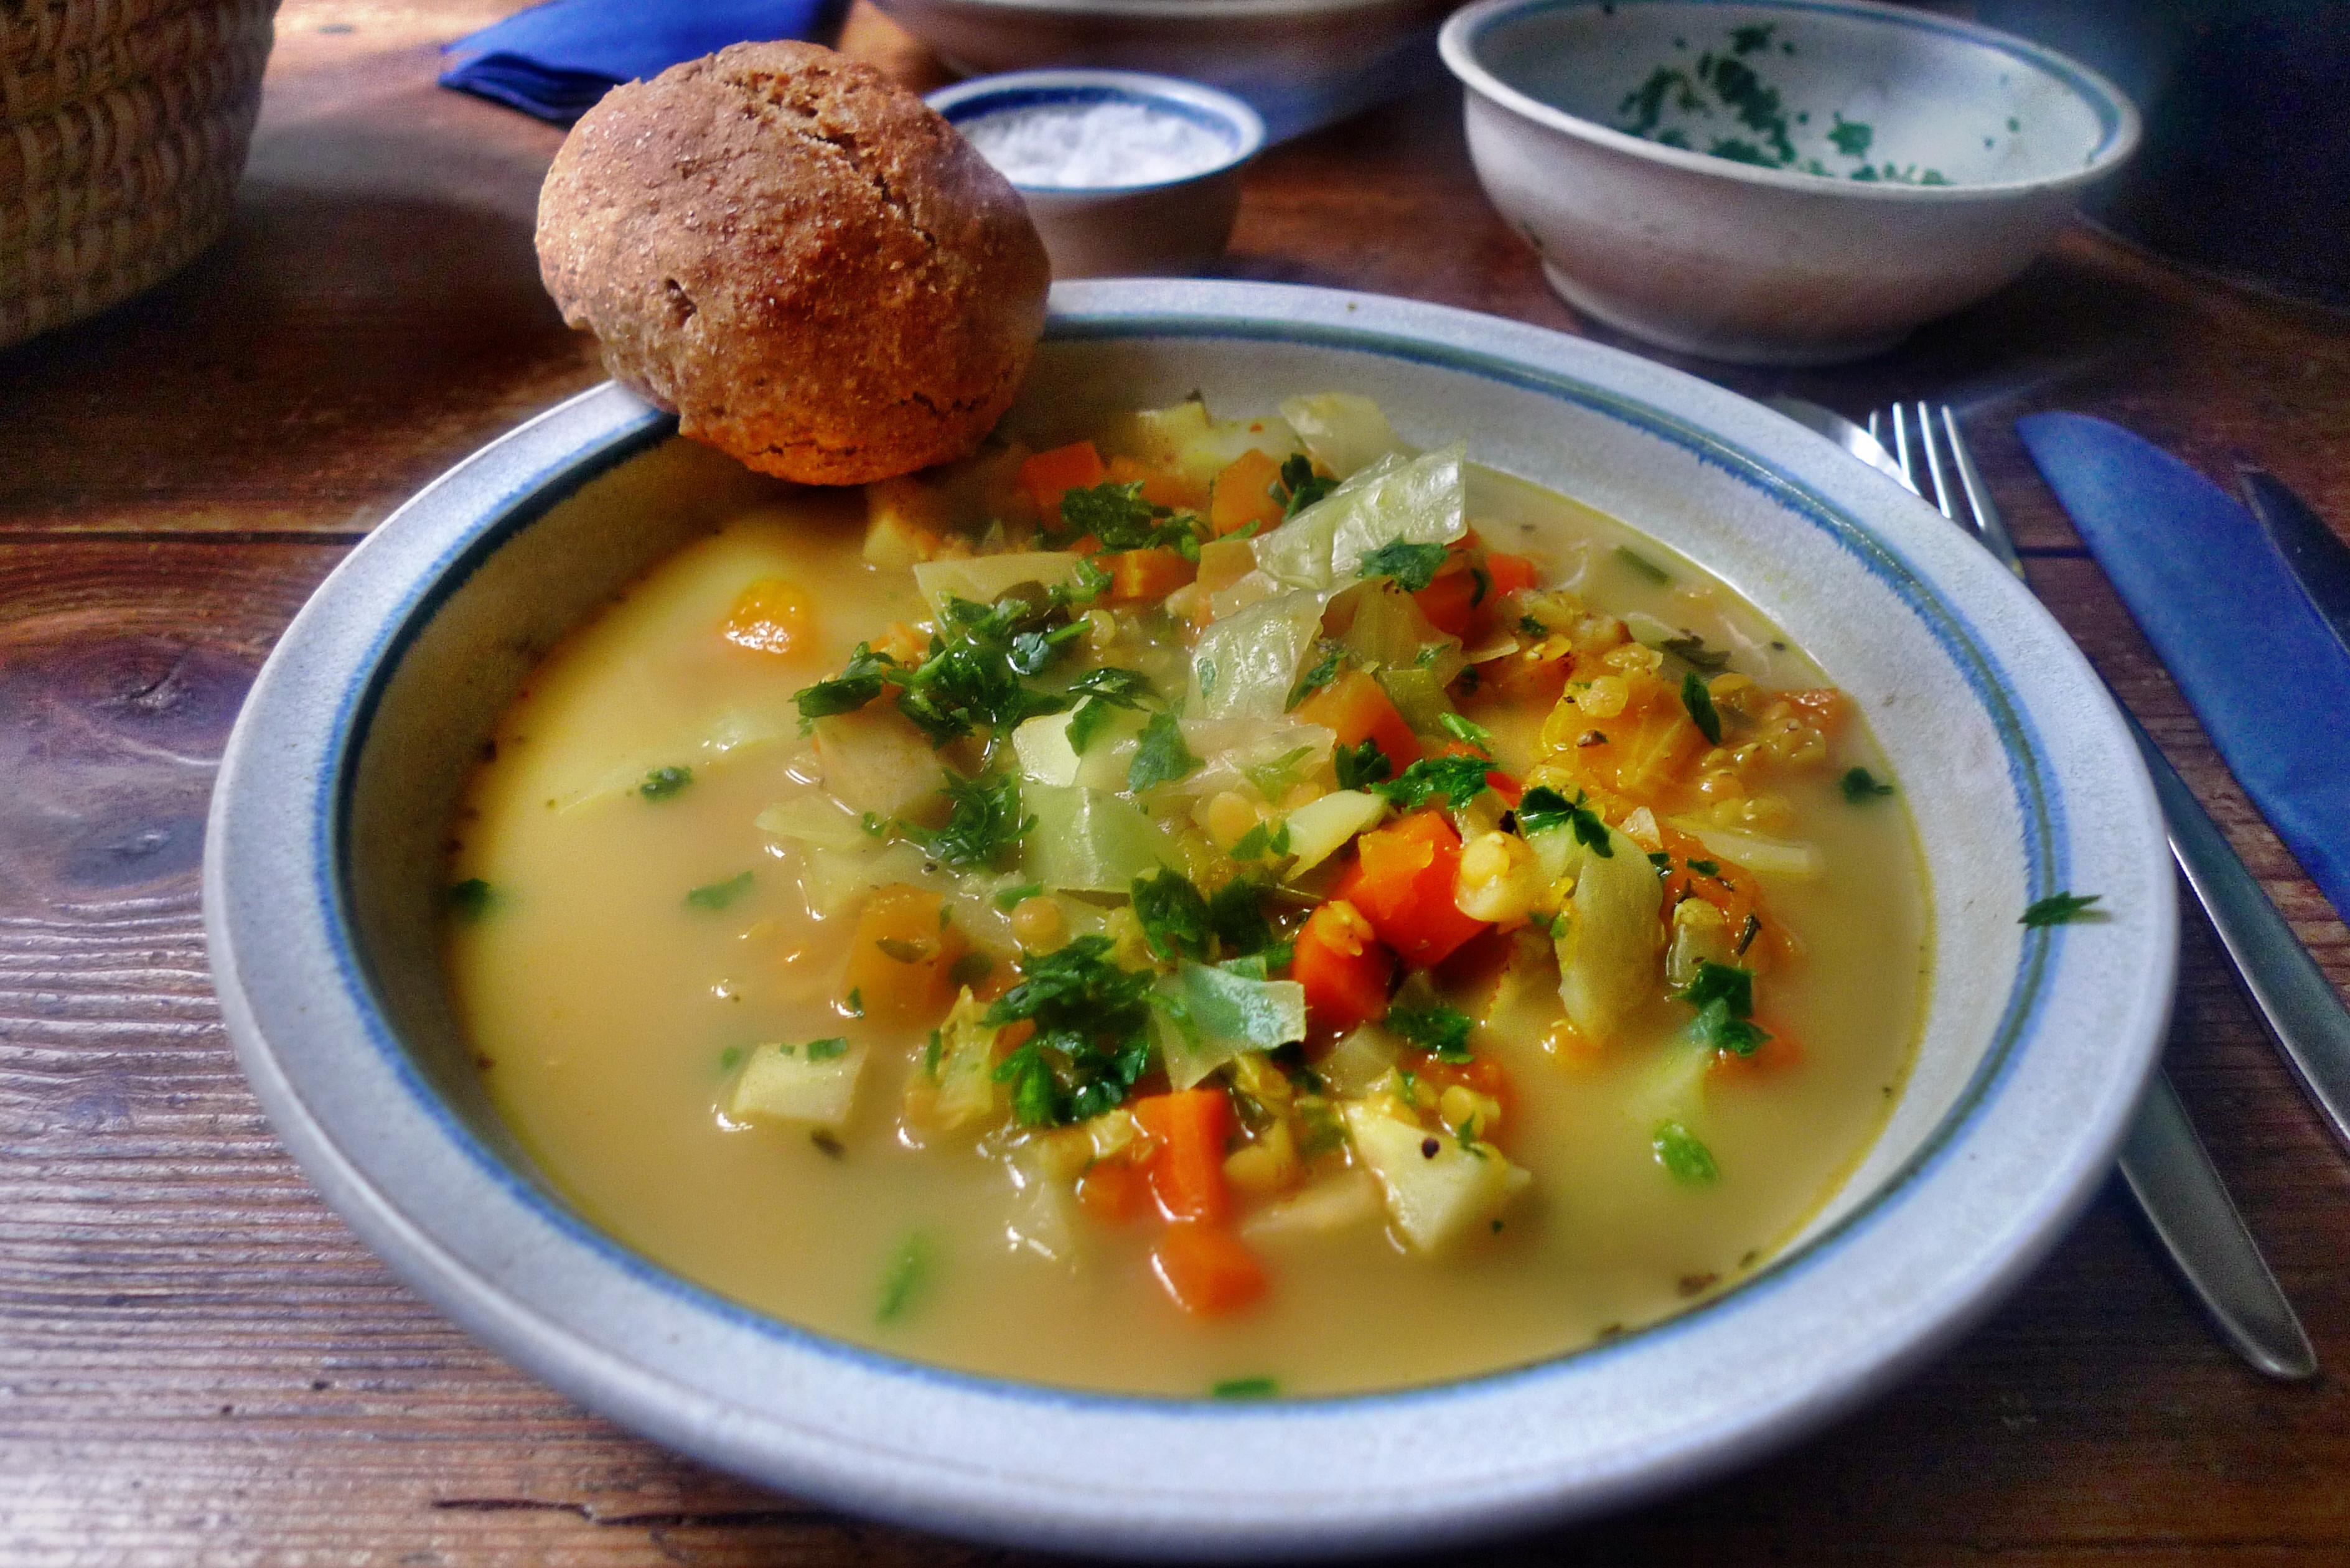 Gemüsesuppe-Birnenmus - 6.10.14   (11)